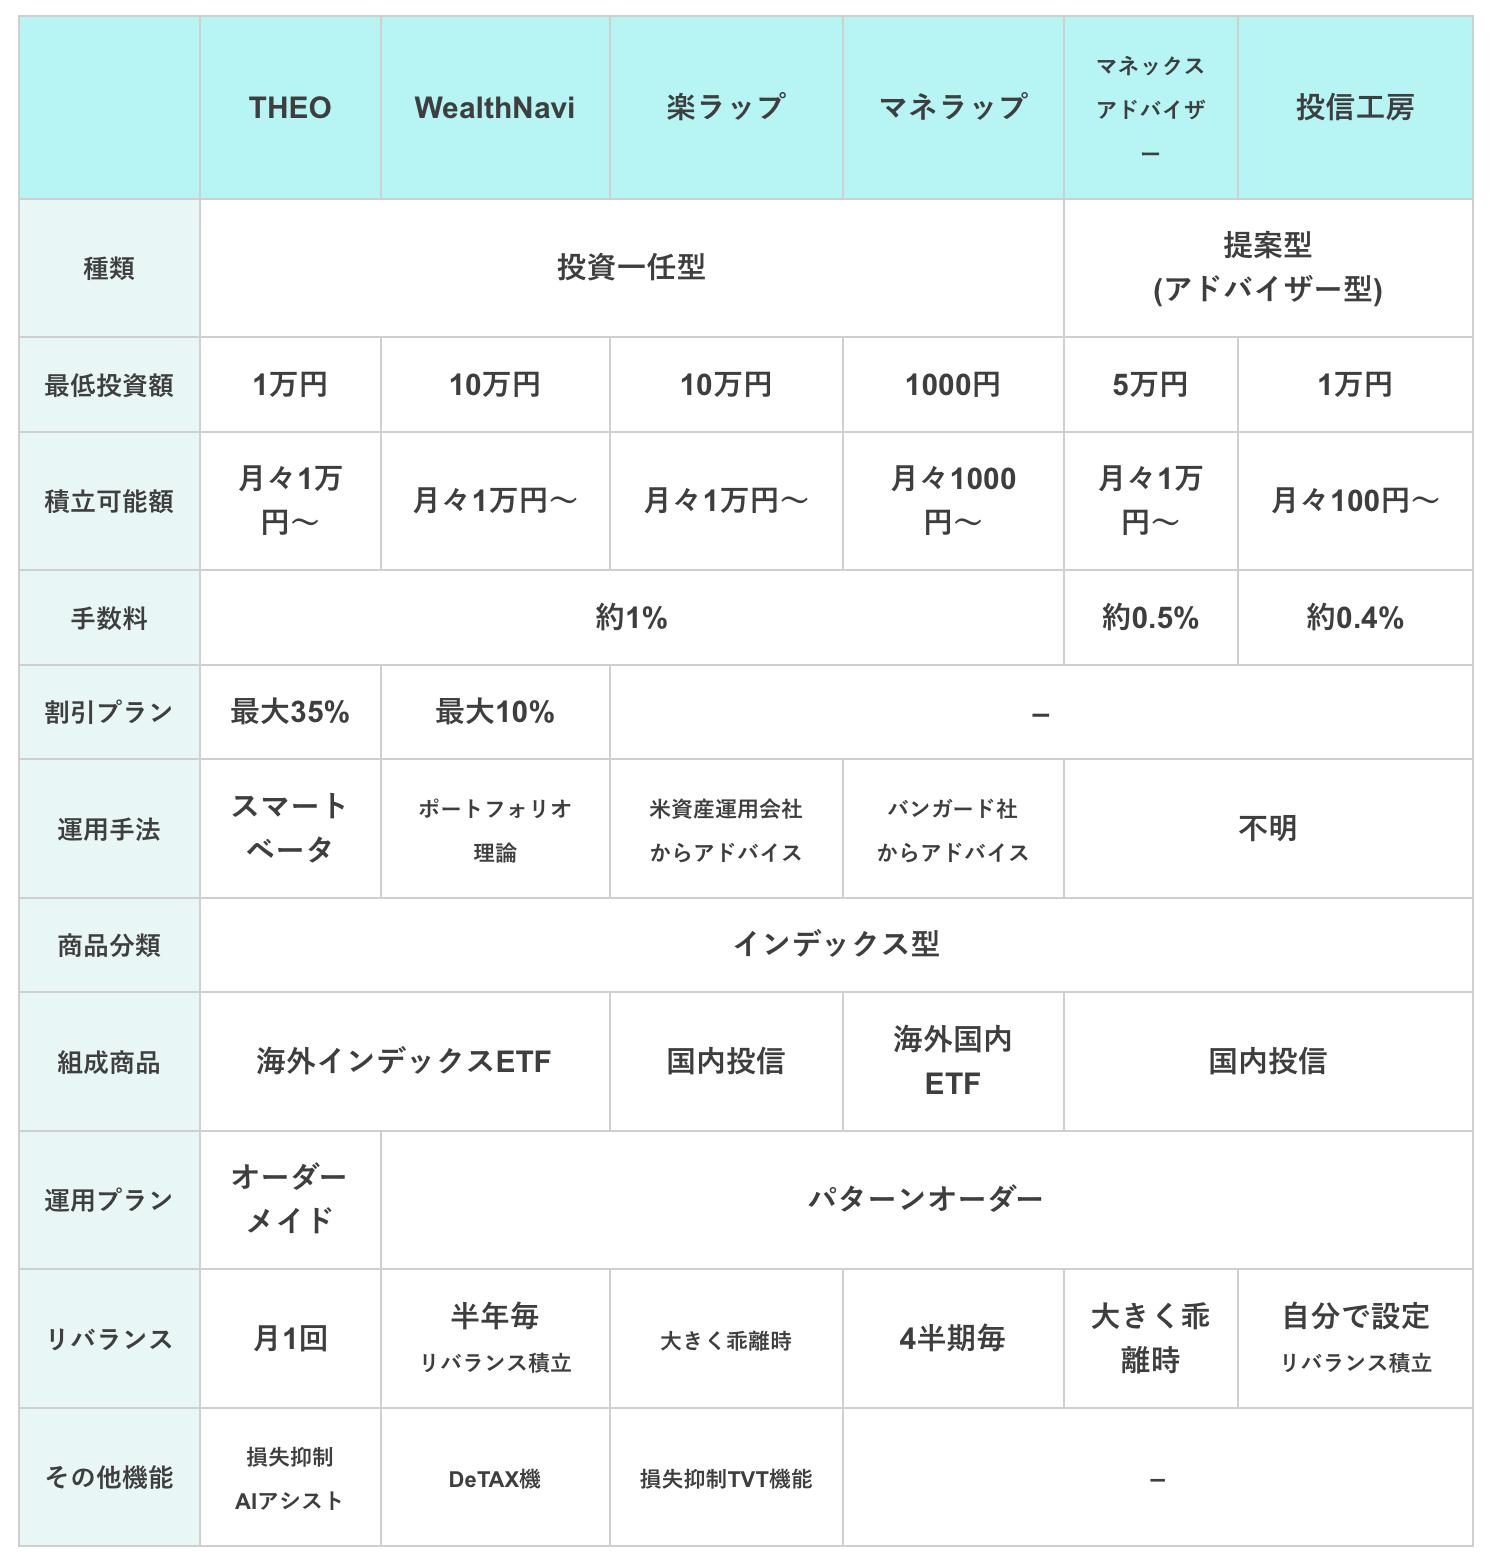 ロボアドバイザーを各種観点から比較した表